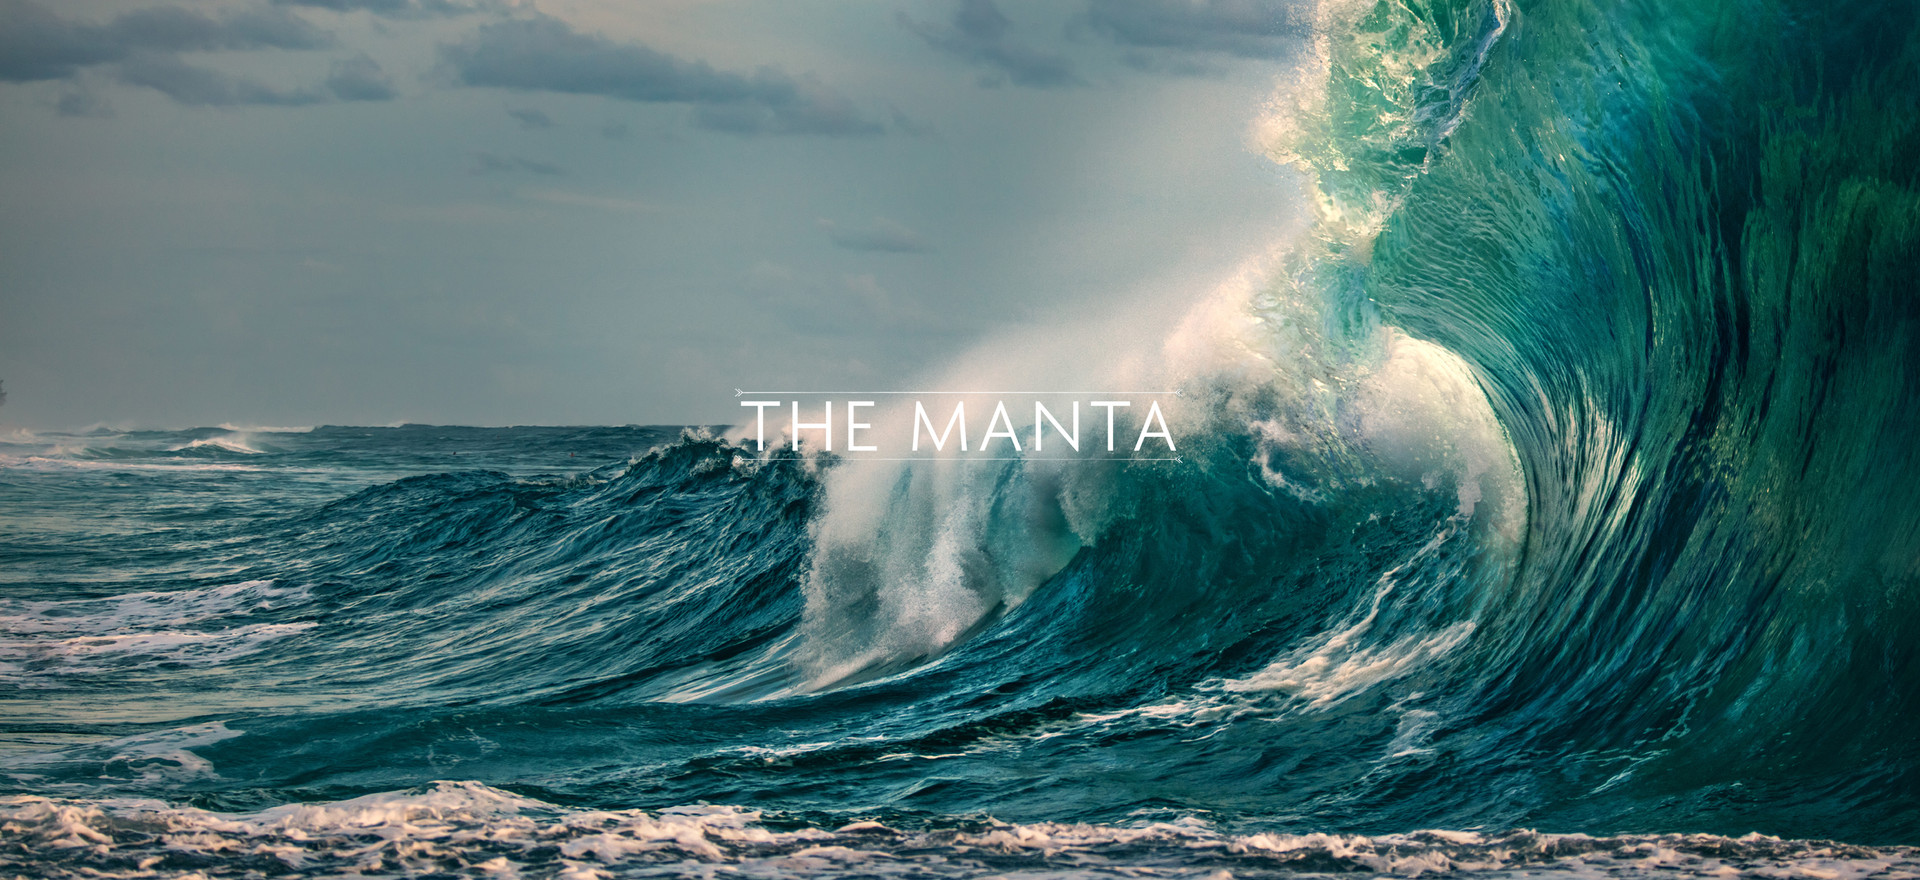 The Manta